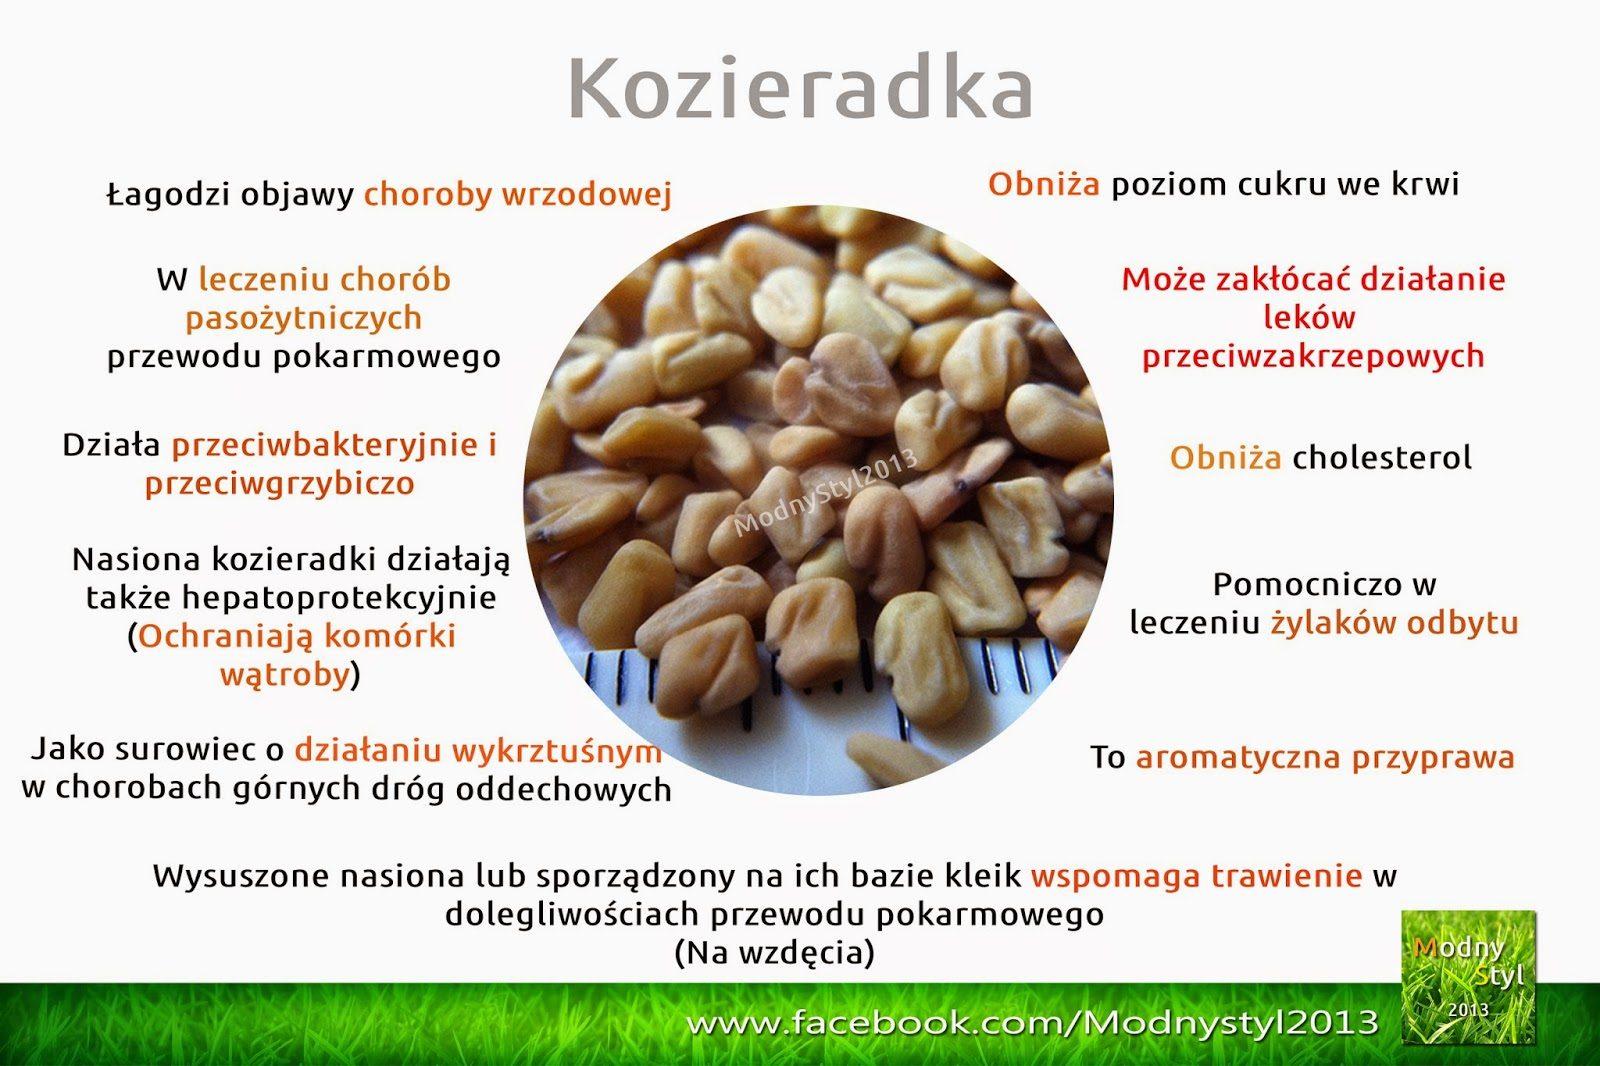 kozieradka-7667784